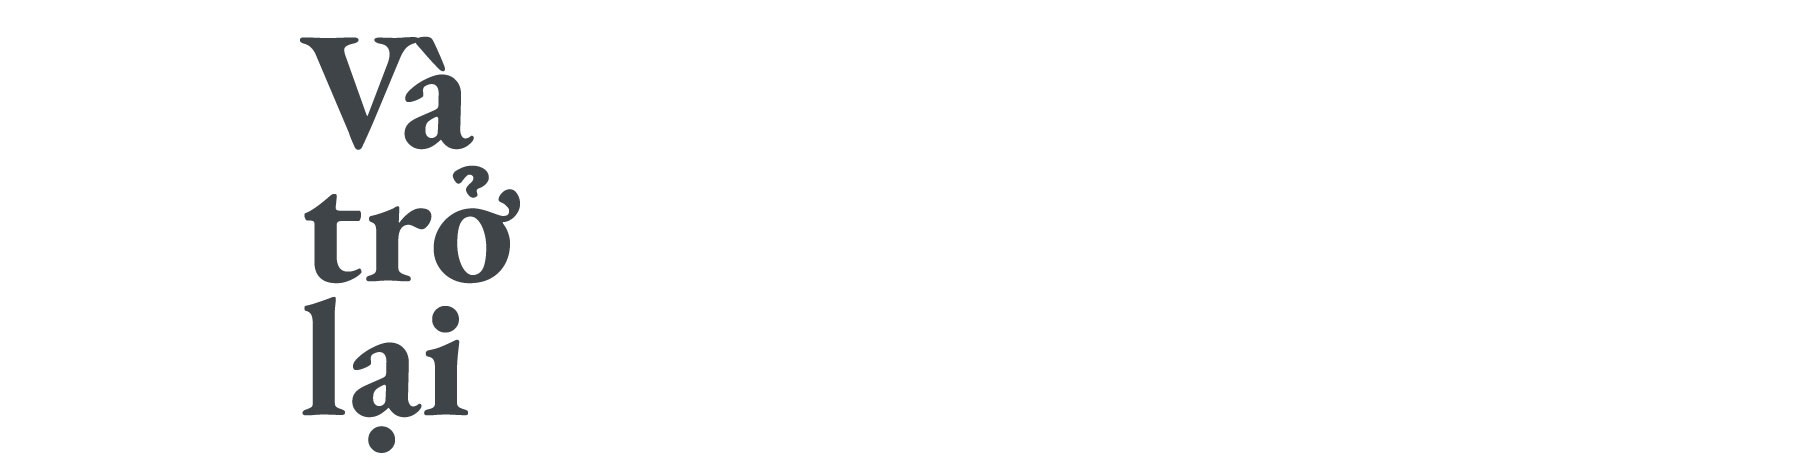 [eMagazine] - Bùi Anh Tuấn: Vượt lên chính mình - Ảnh 5.